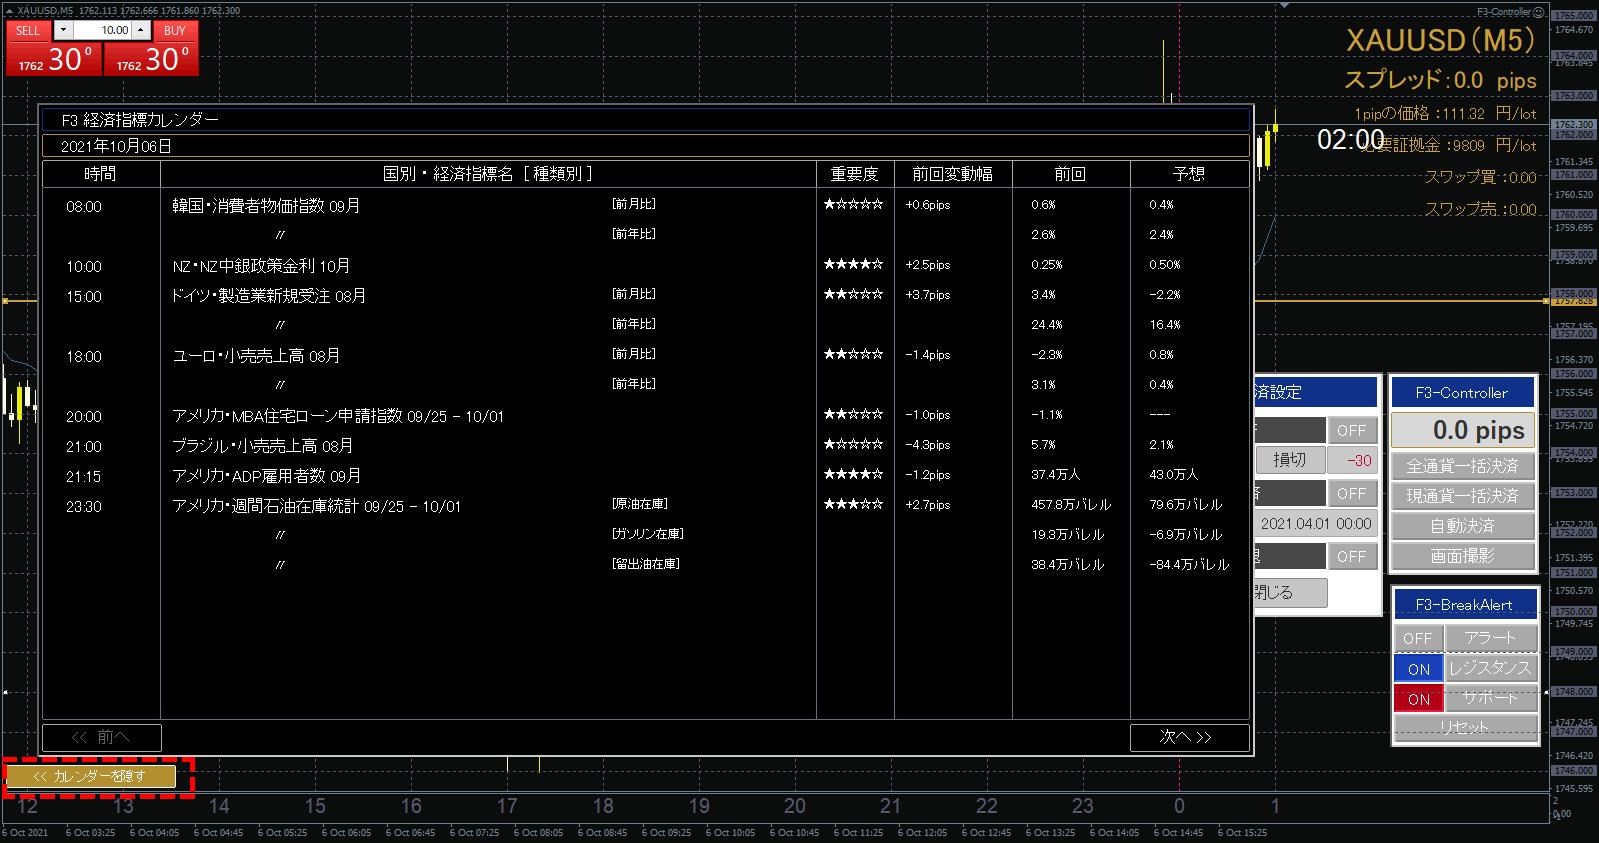 指標カレンダー展開時